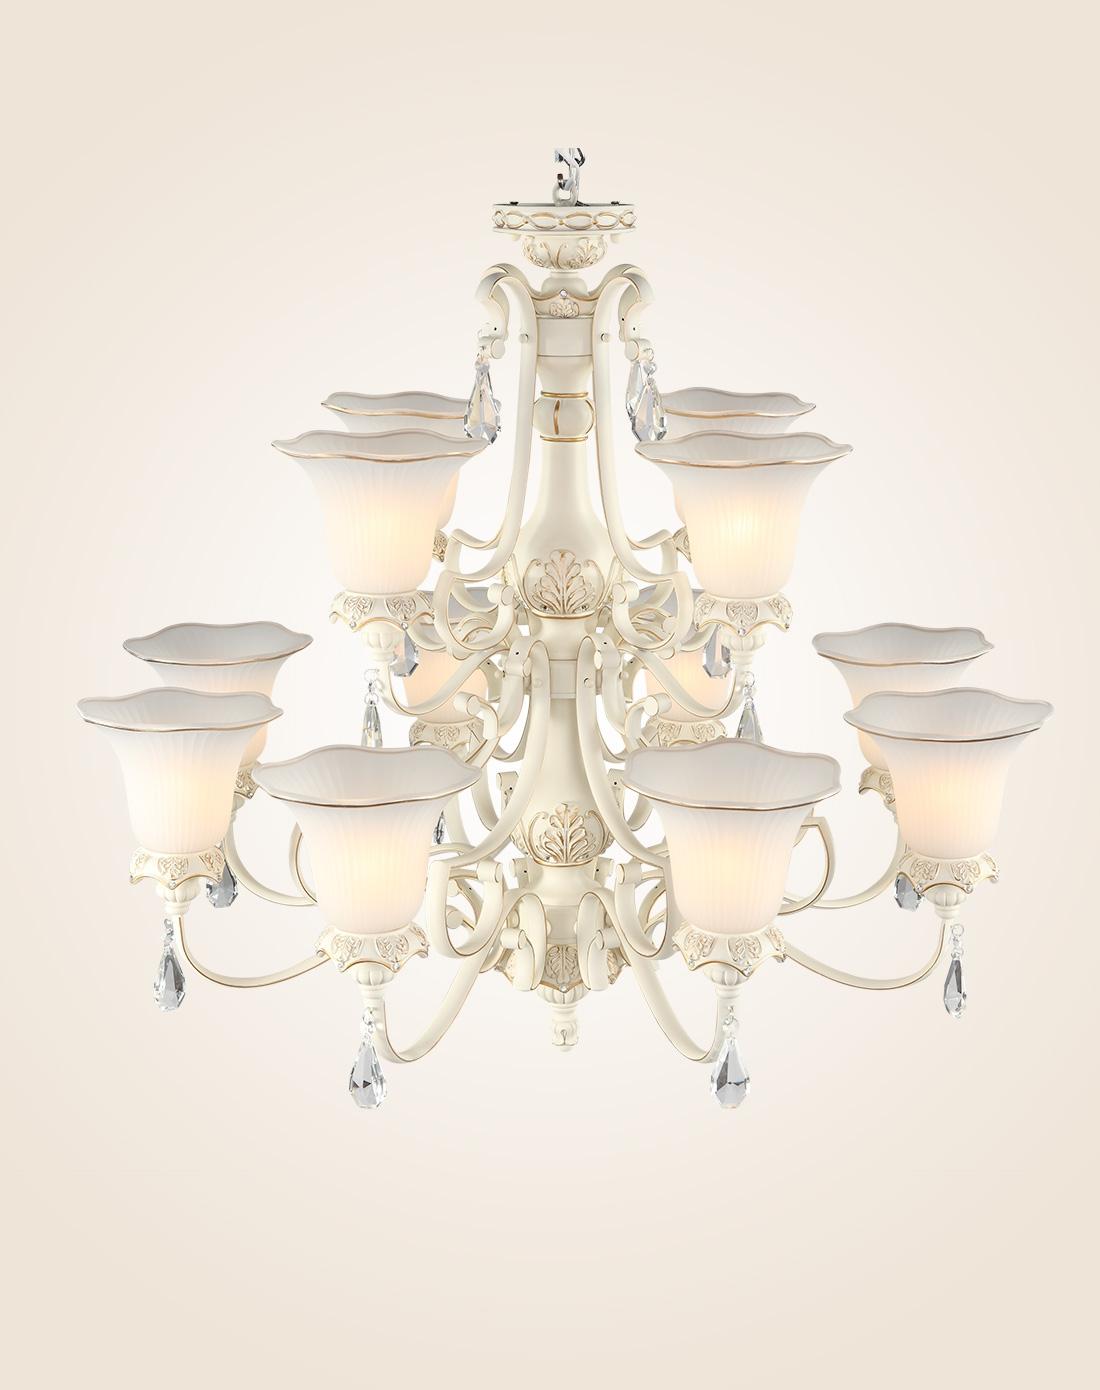 大堂客厅灯饰 12头吊灯 适用田园/法式/欧式等风格图片